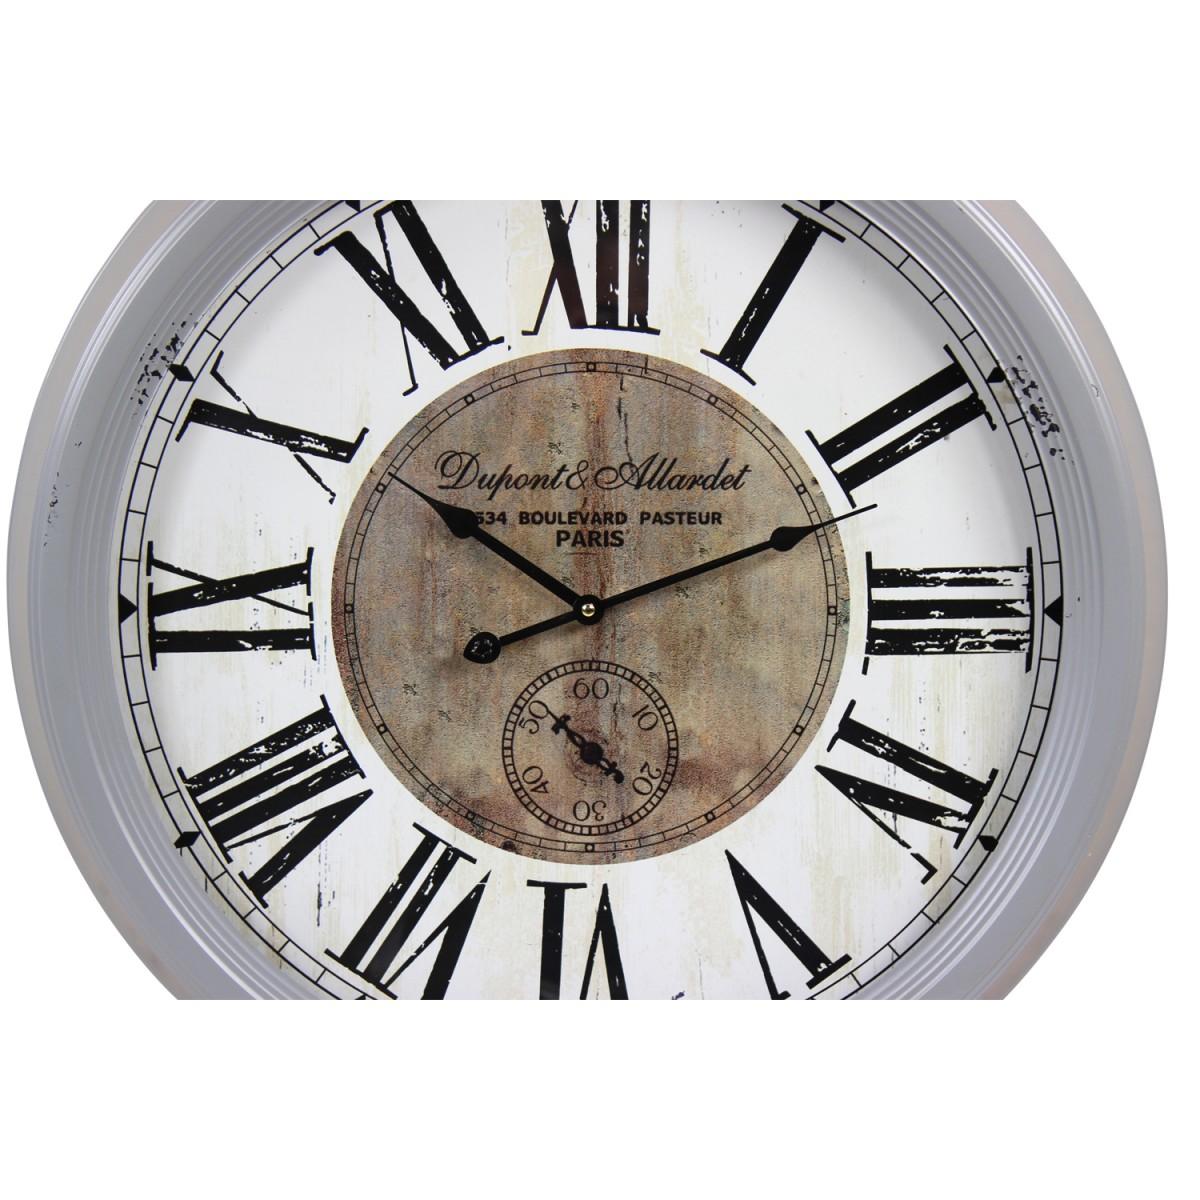 Horloge Ancienne Murale Dupont & Allardet Métal Gris 62cm